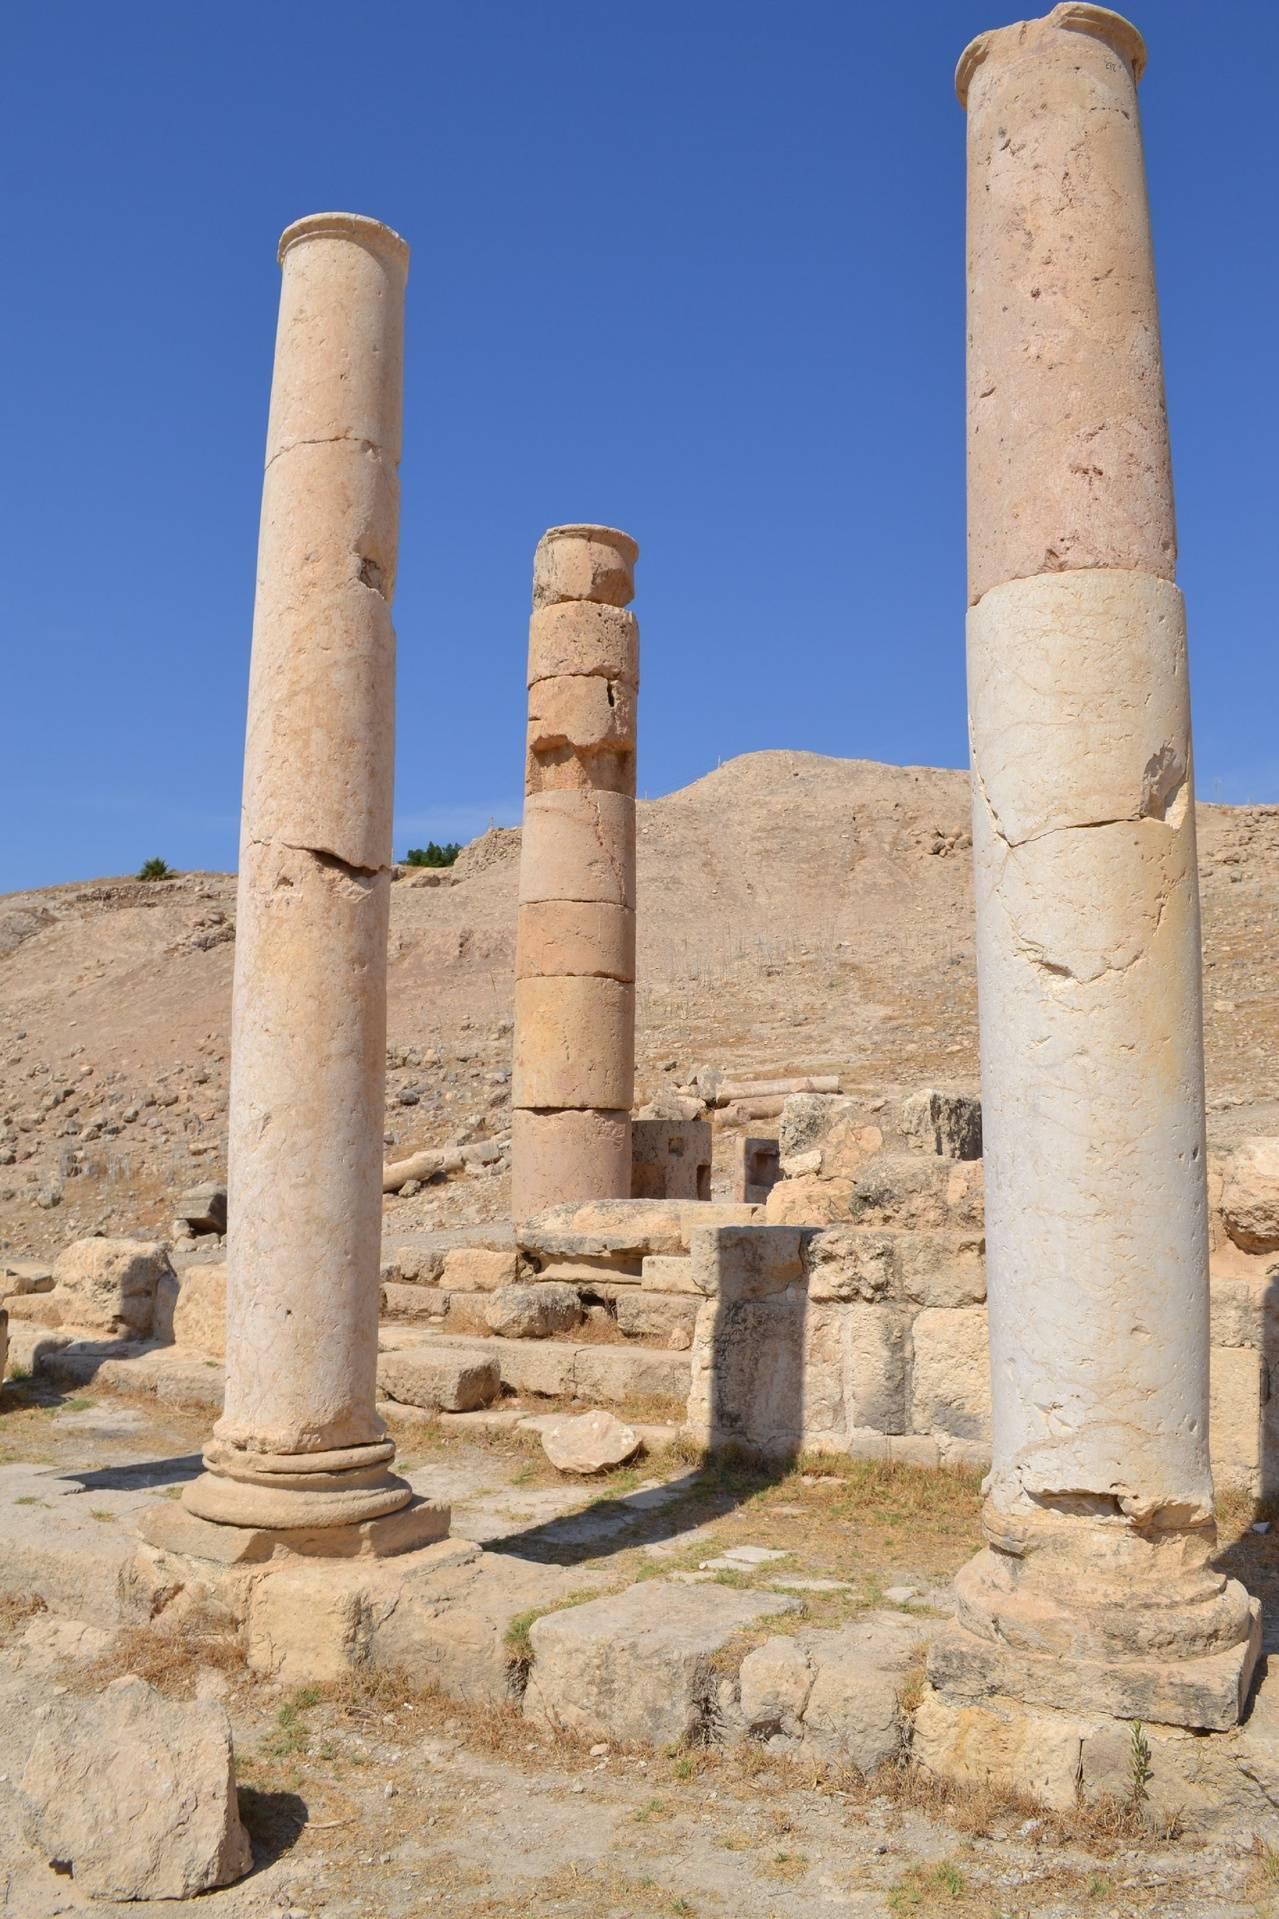 Pella Columns 3